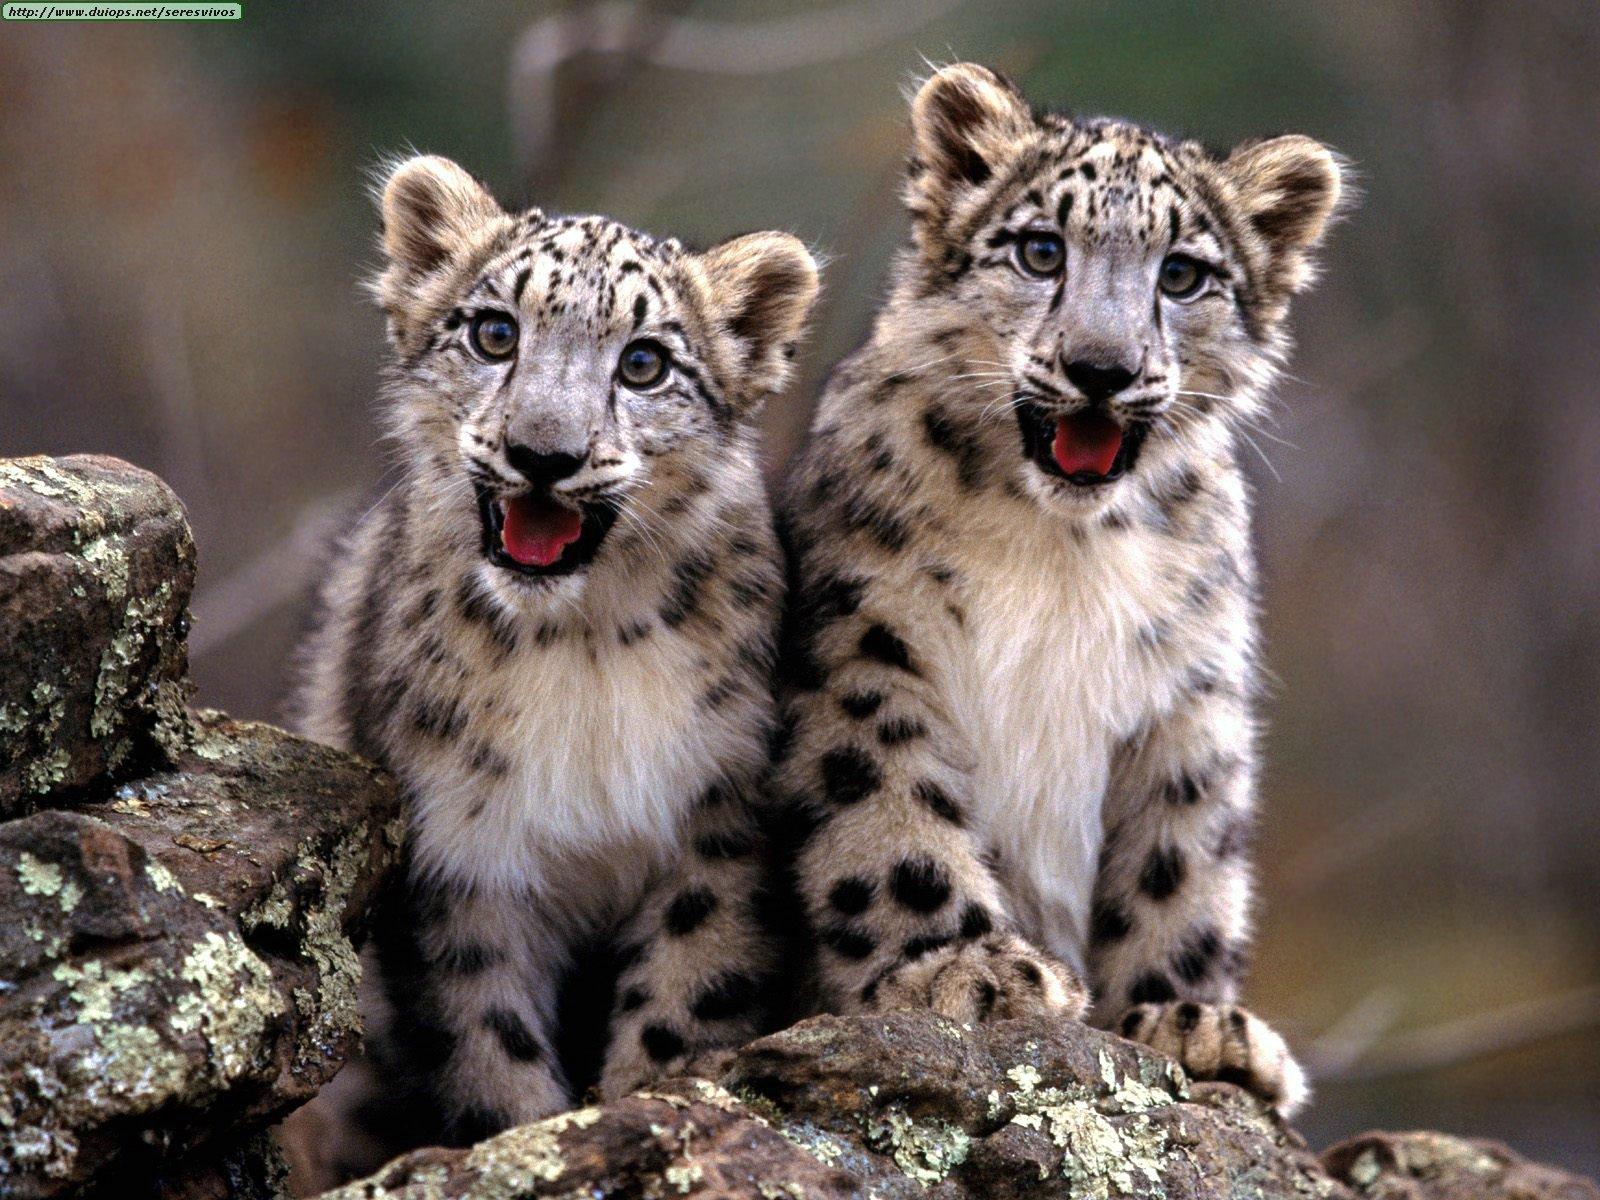 http://1.bp.blogspot.com/-rn5old1mfy4/TixFbfjf4tI/AAAAAAAAAGI/Zb89qmLYKCg/s1600/Leopard+Wallpepers+5.jpg